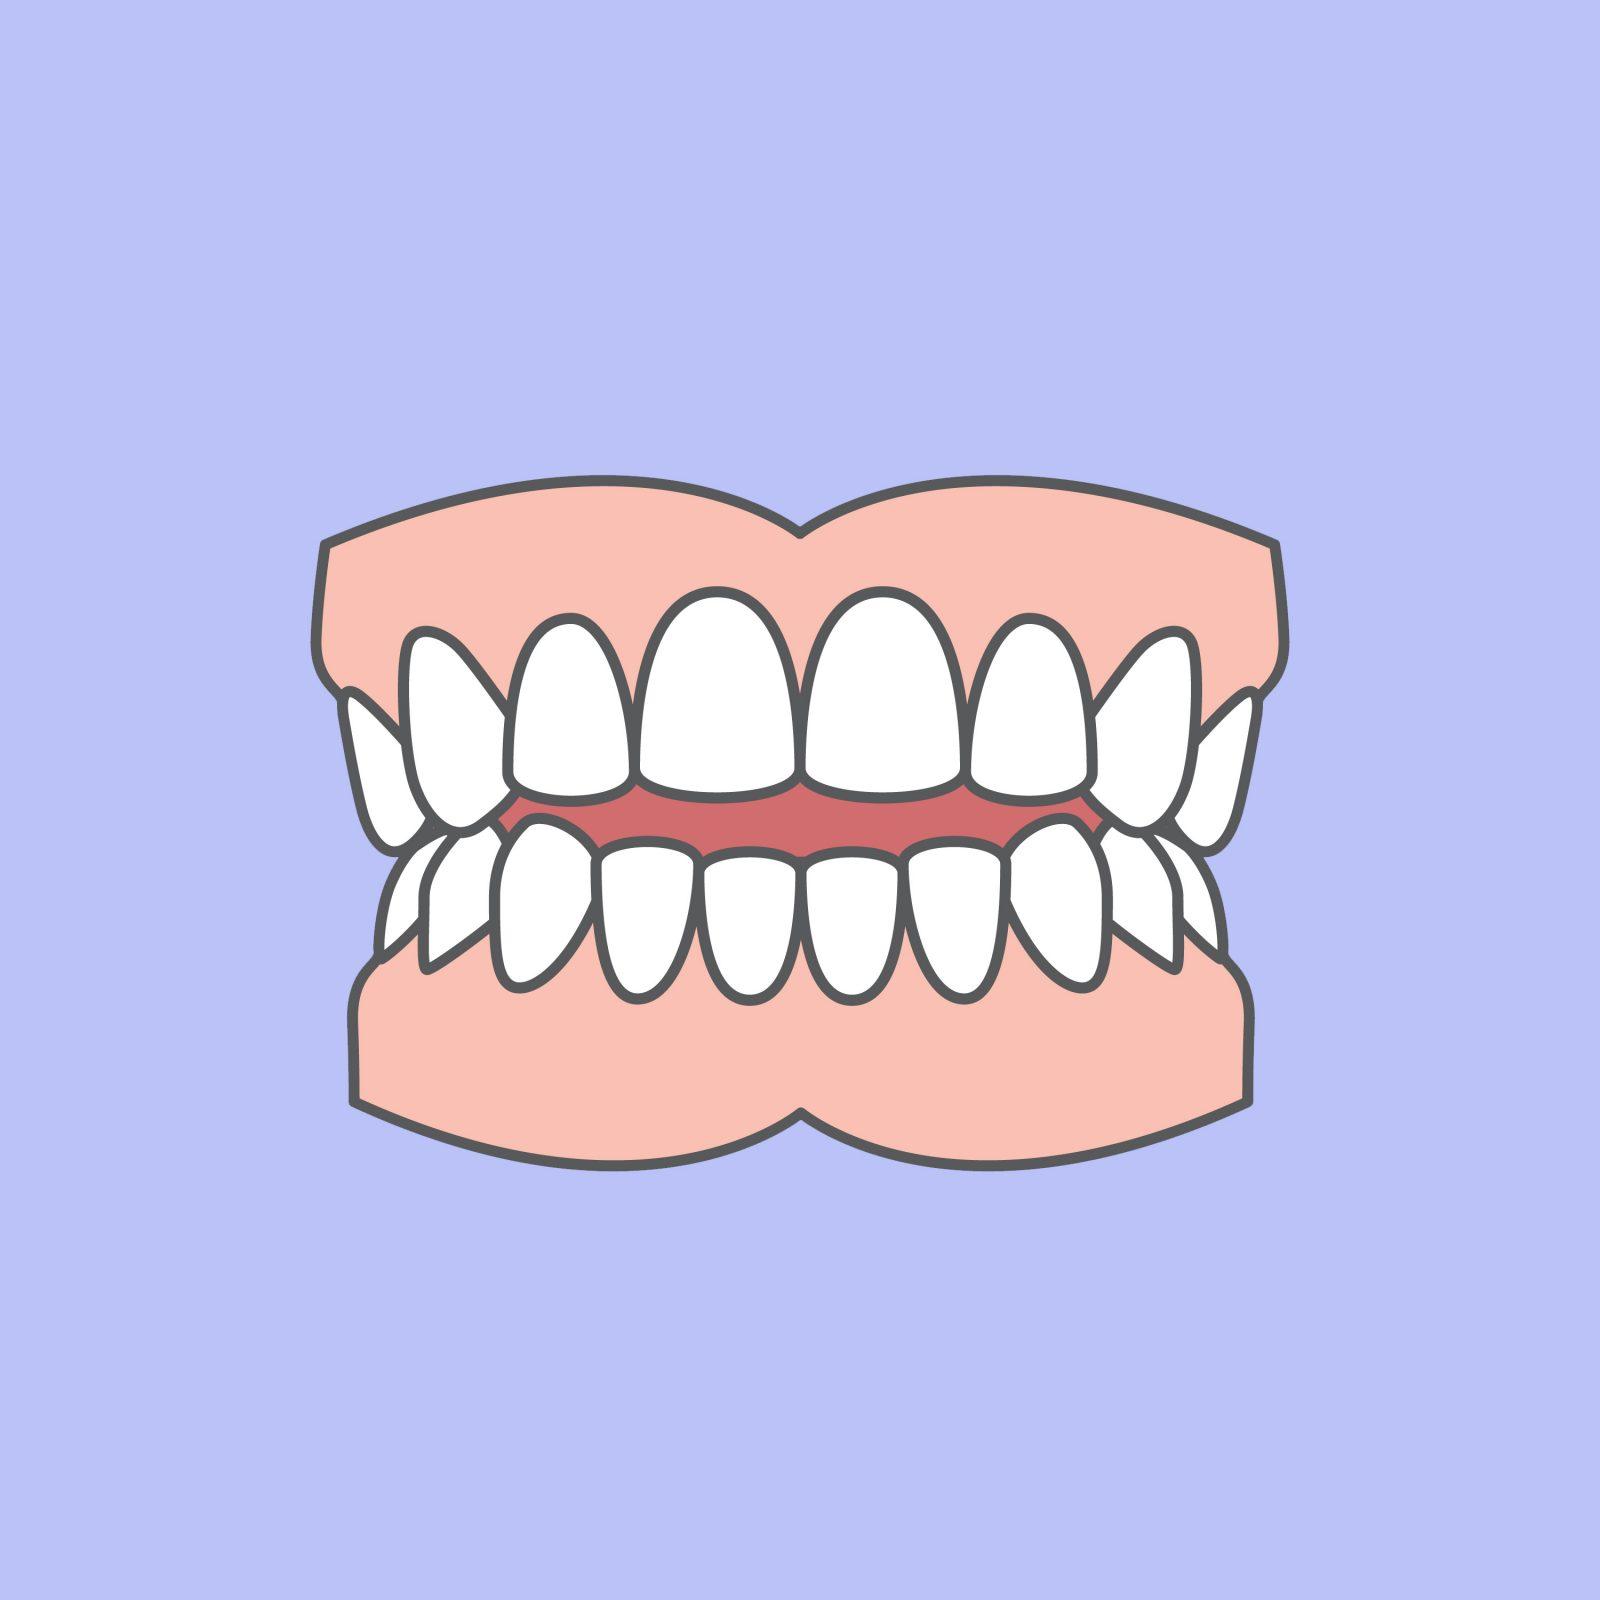 Odontia Tannlegene: Åpent Bitt